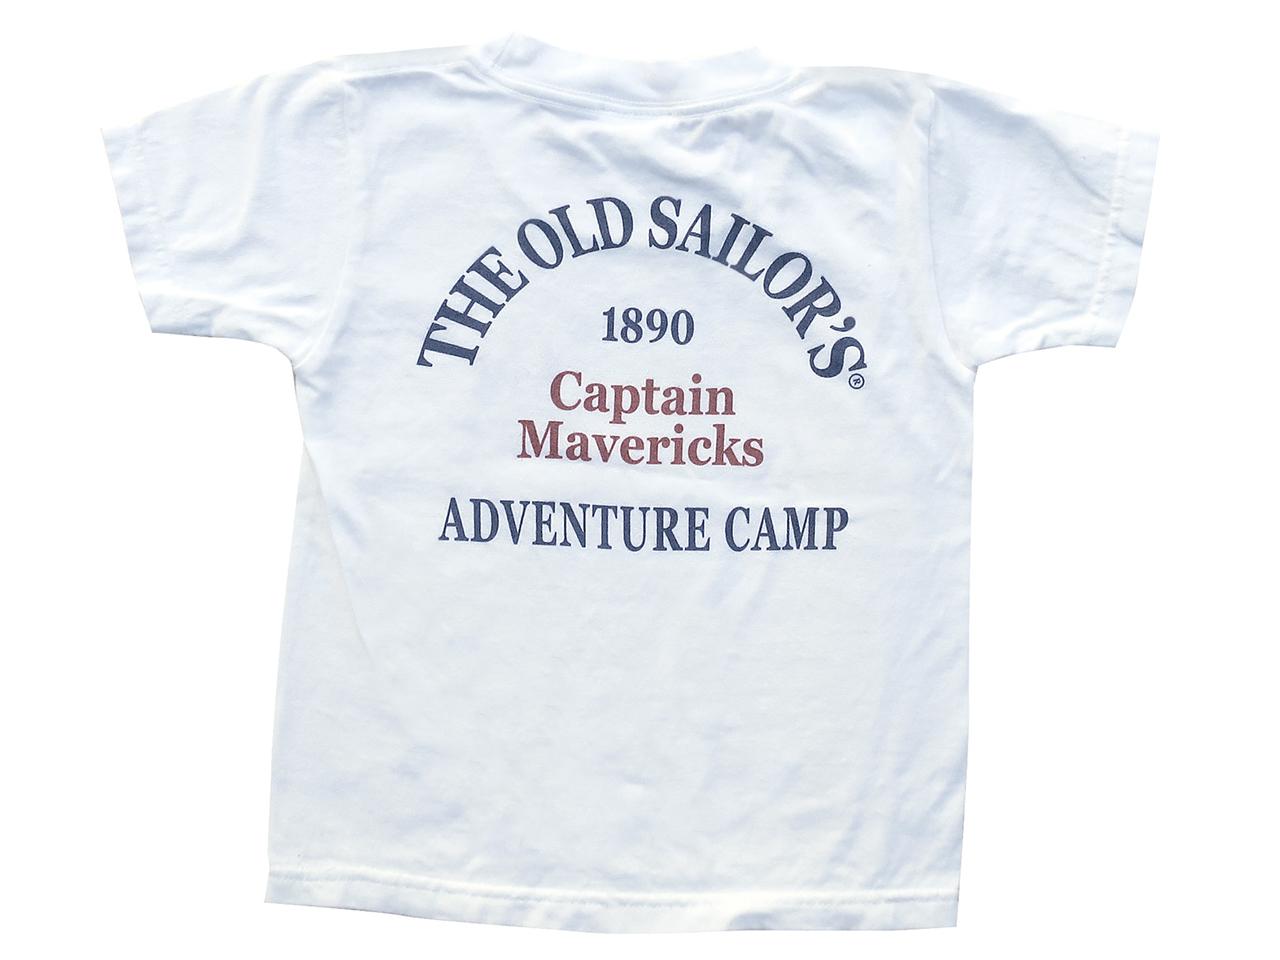 アドベンチャーキャンプTシャツ 72808